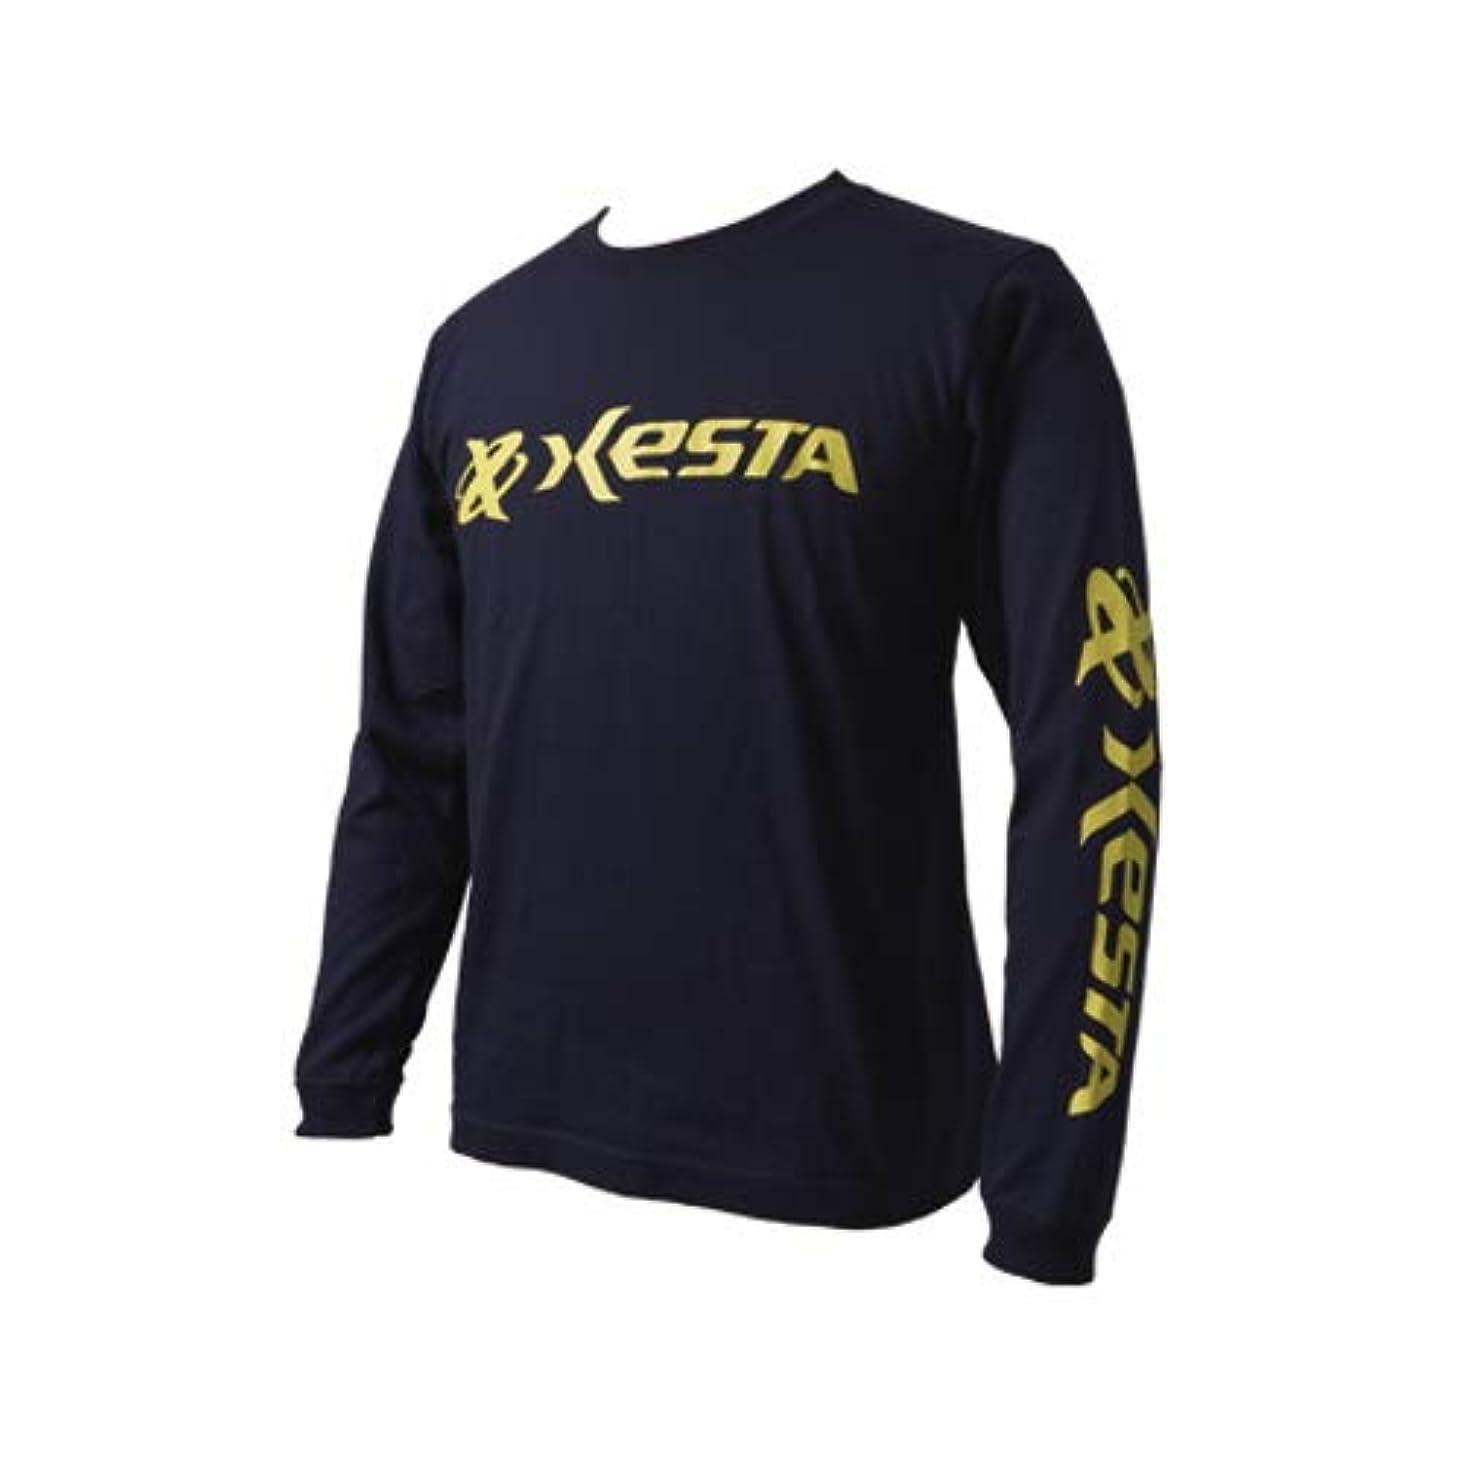 スケルトン延ばすホステルゼスタ(XESTA) ロングスリーブT-シャツ(オリジナルロゴ) XXL ネイビー